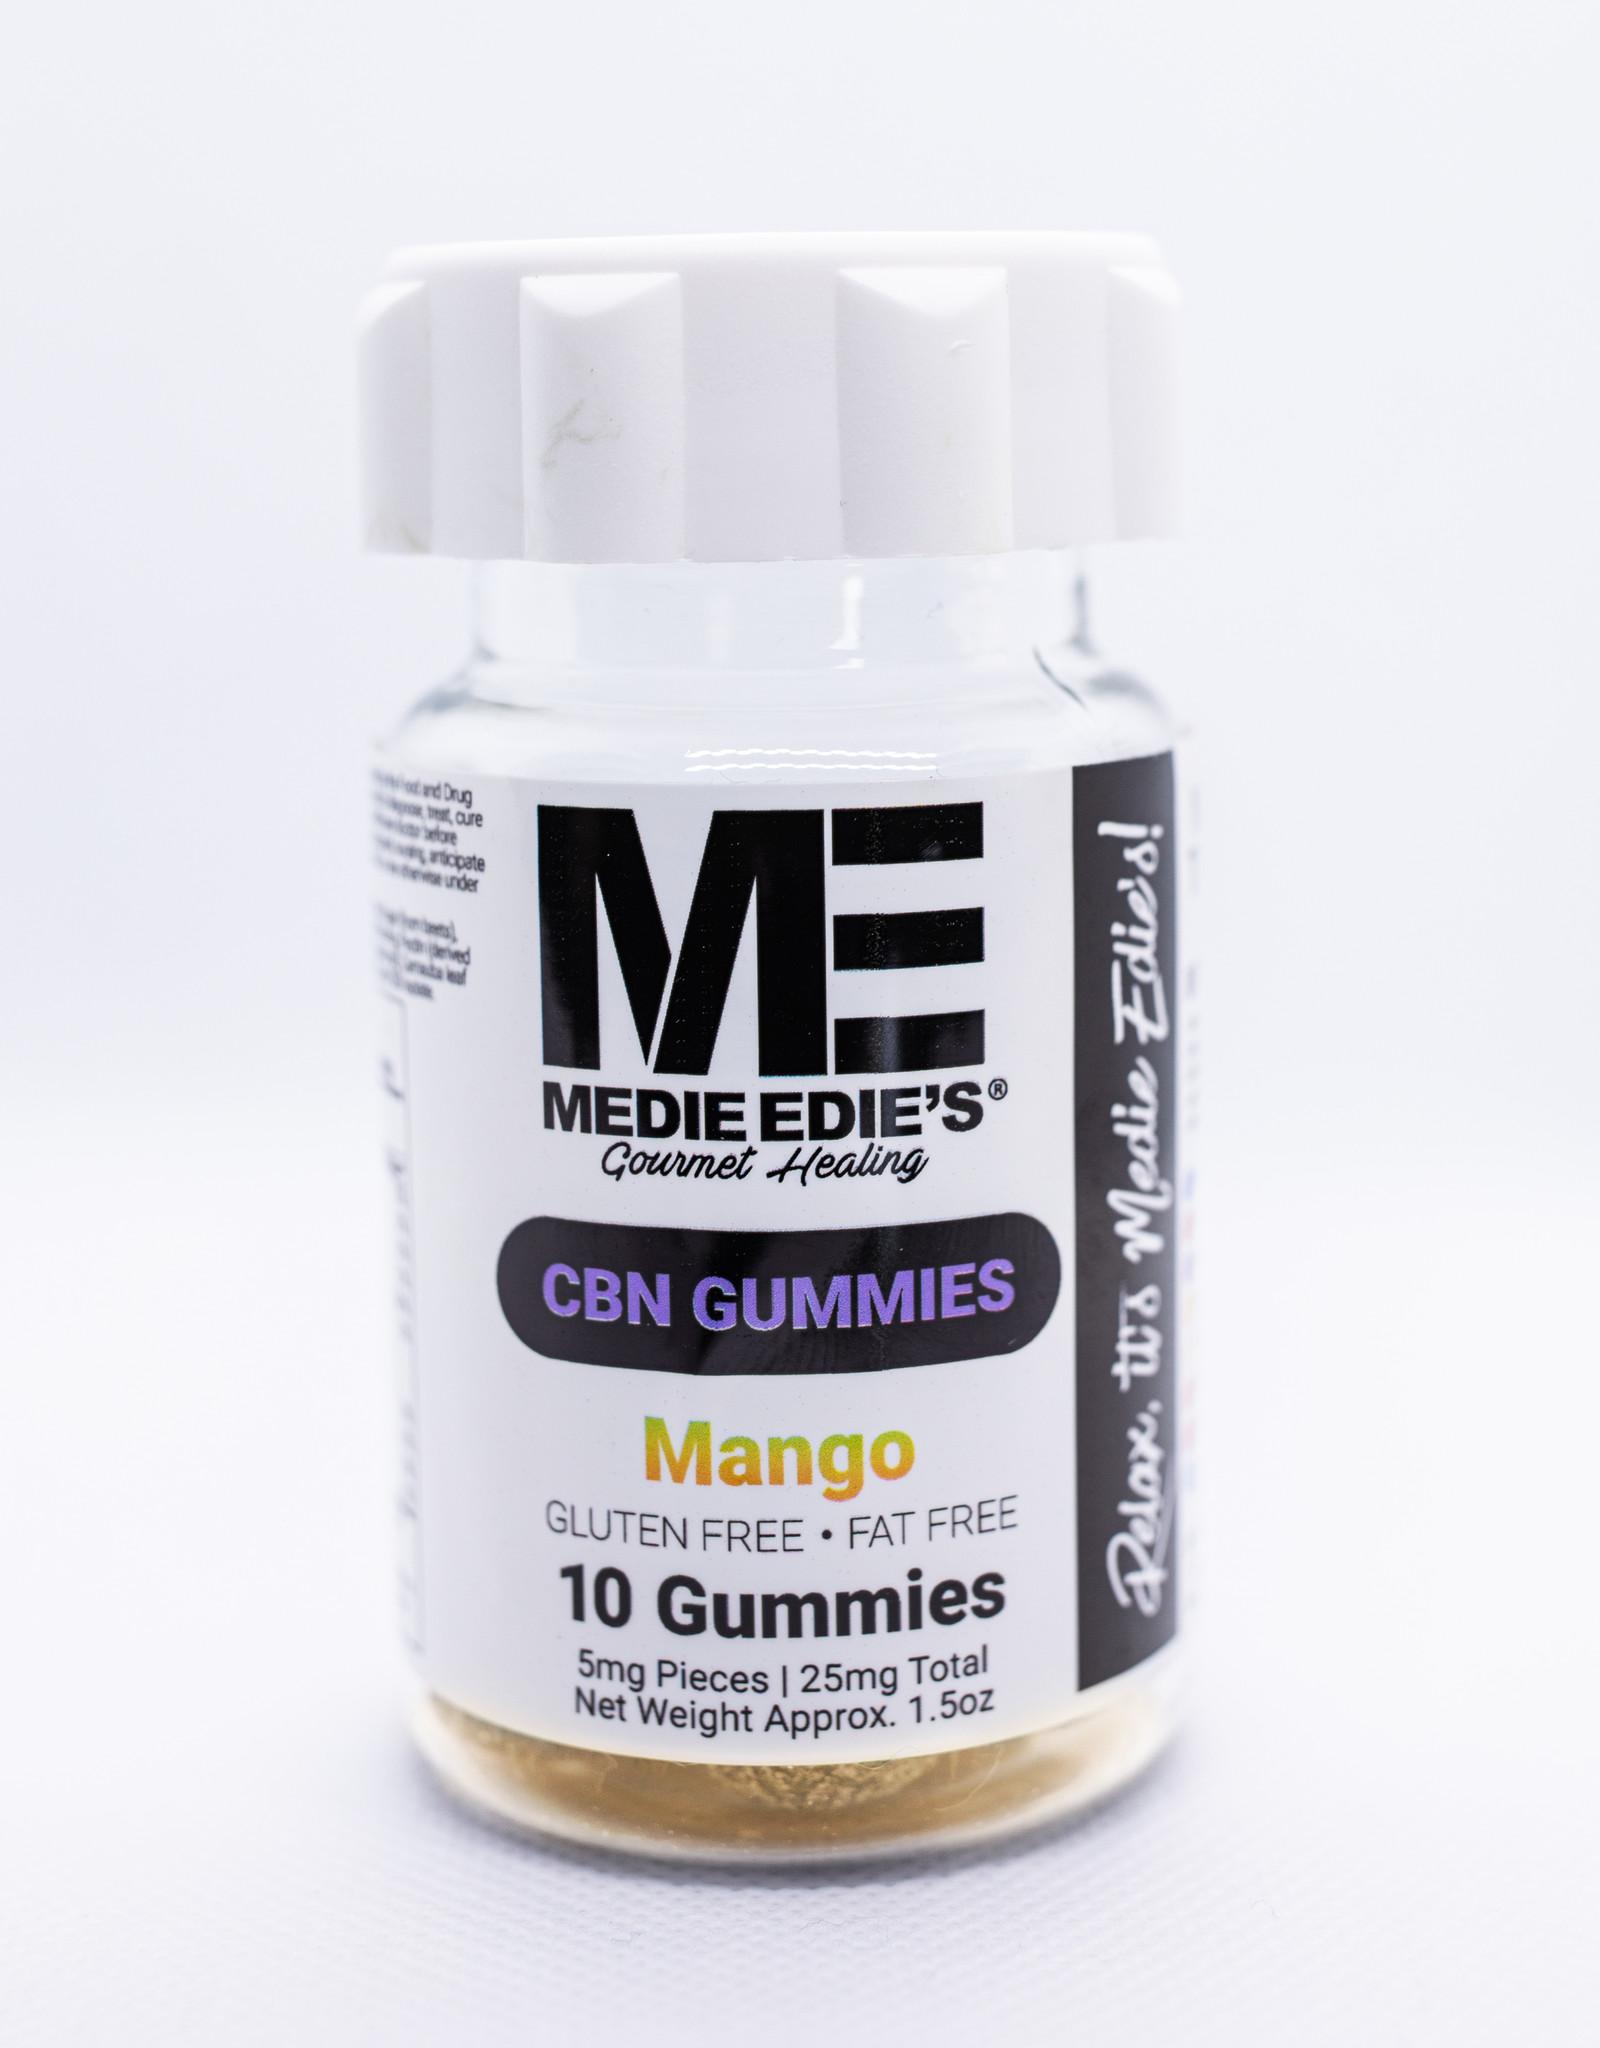 Medie Edie's Mango CBN Gummies - 10ct/5mg/50mg